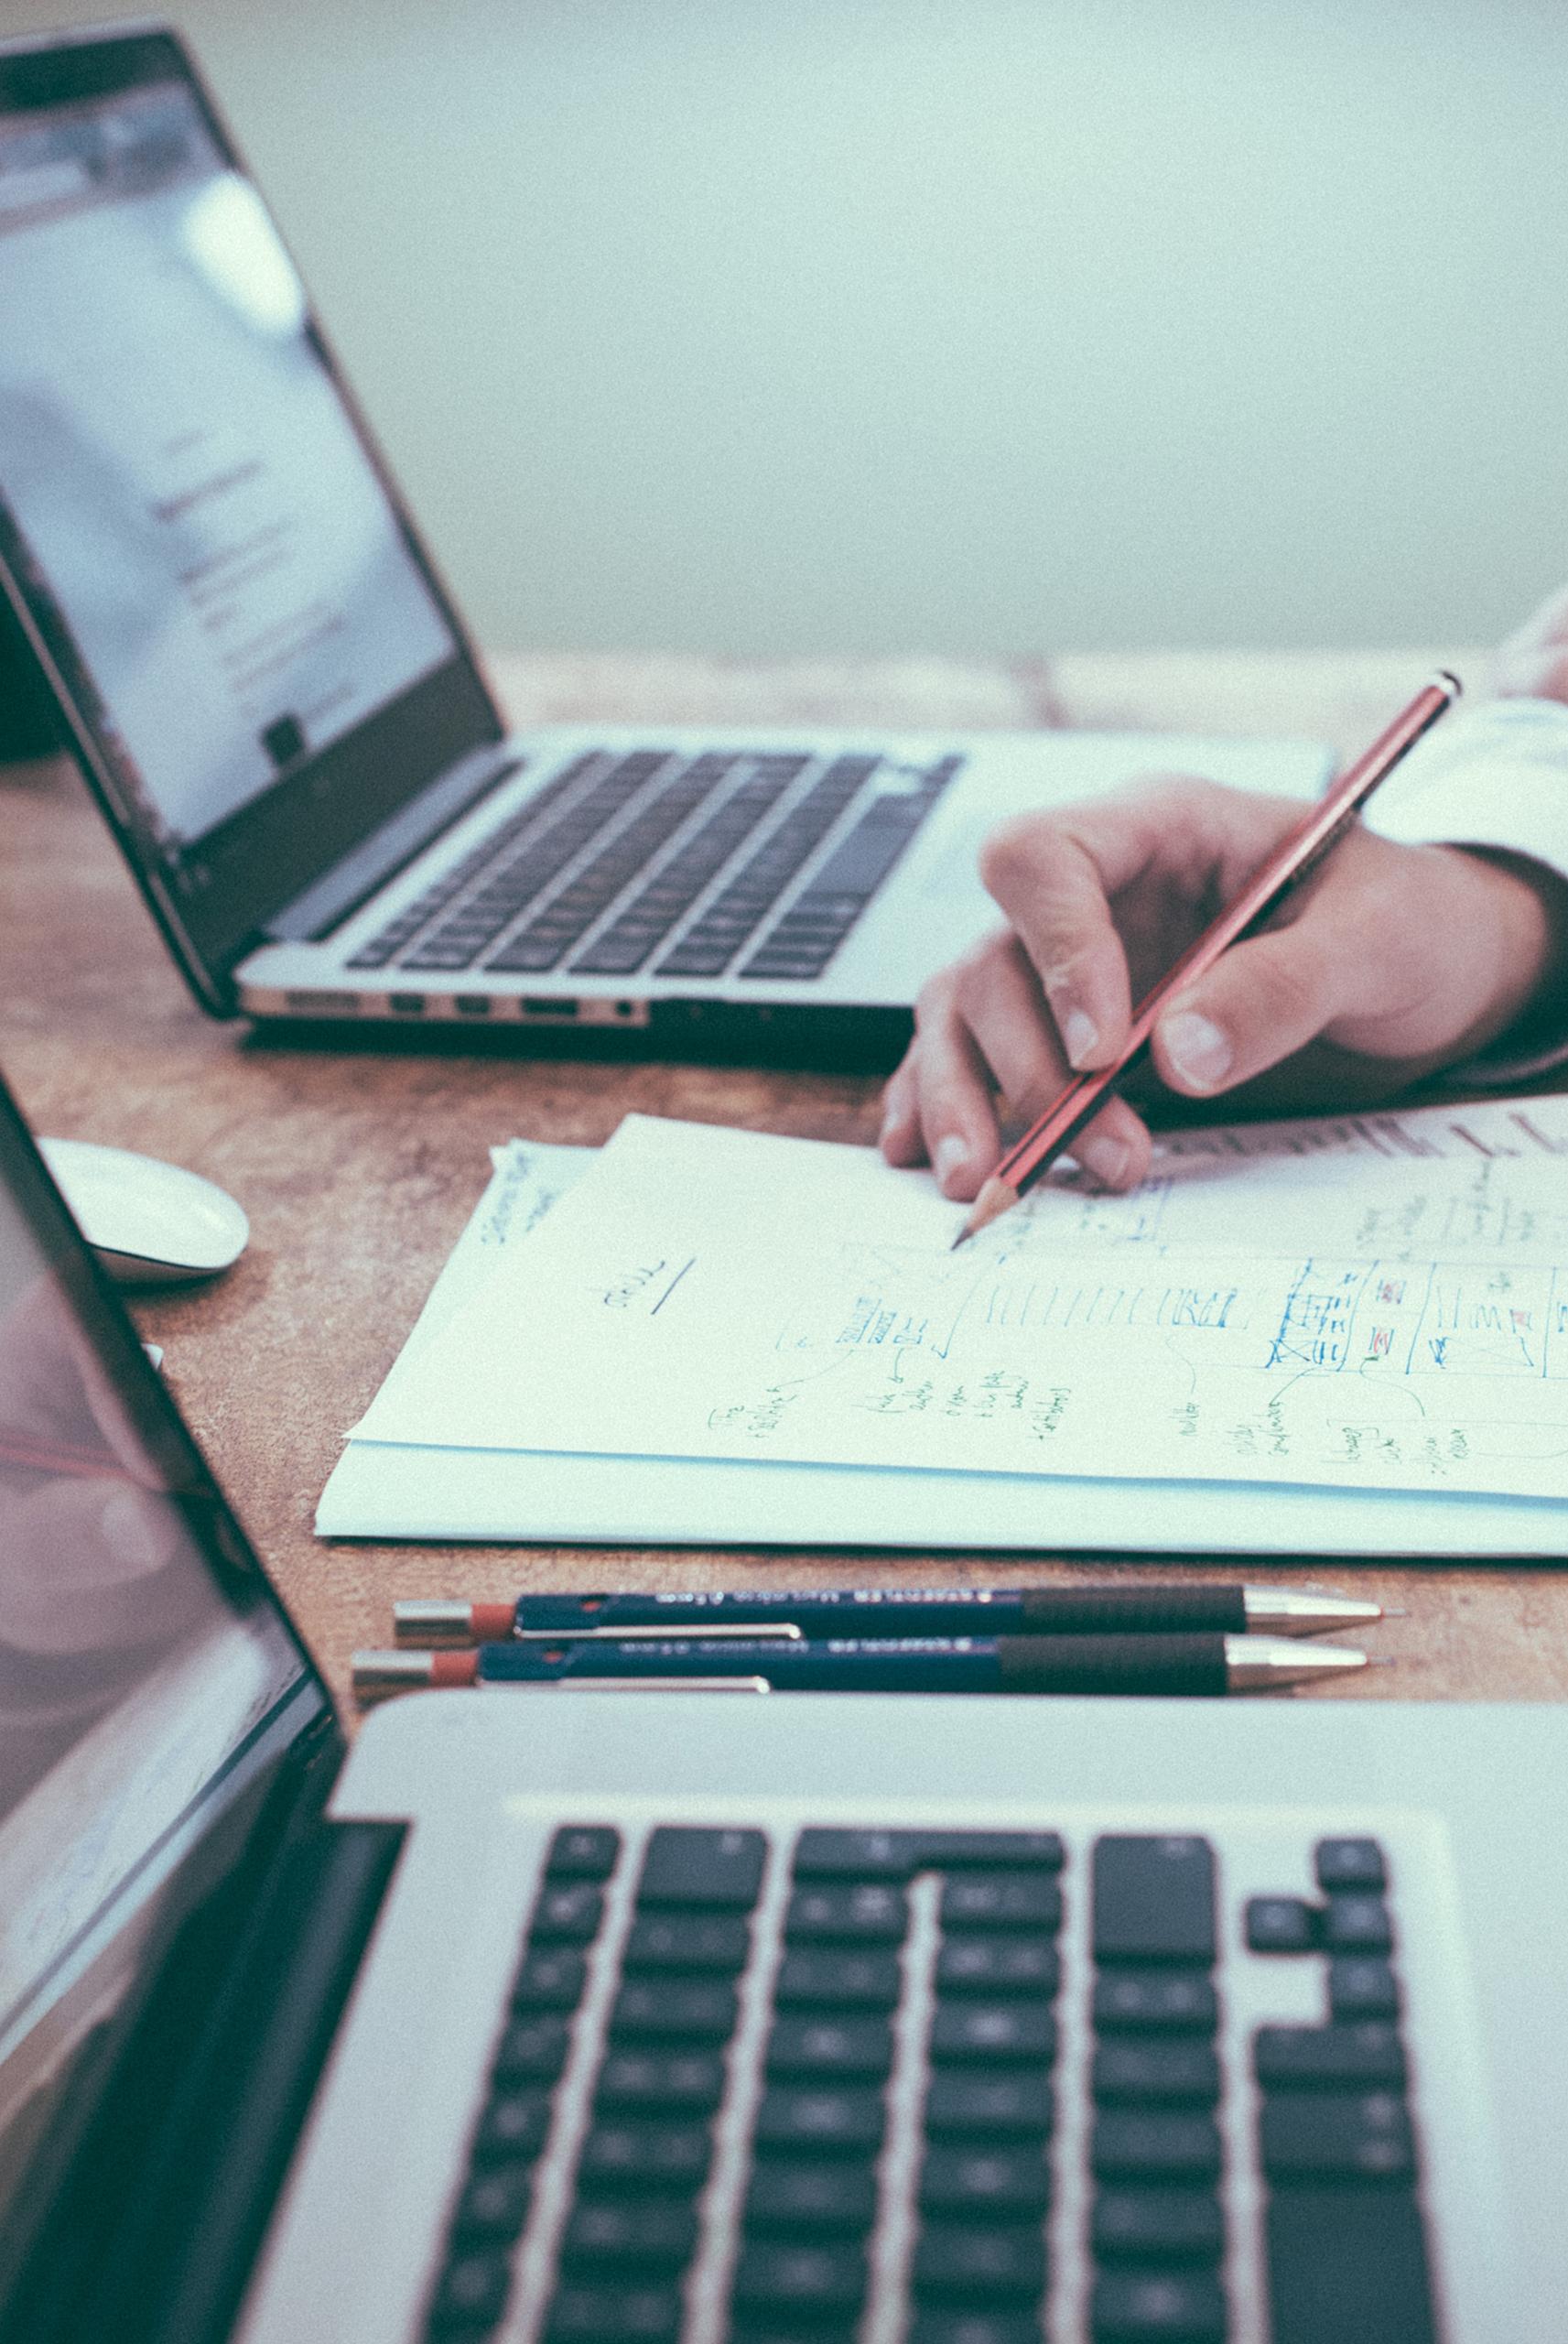 Darbų planavimas ir biudžeto sudarymas